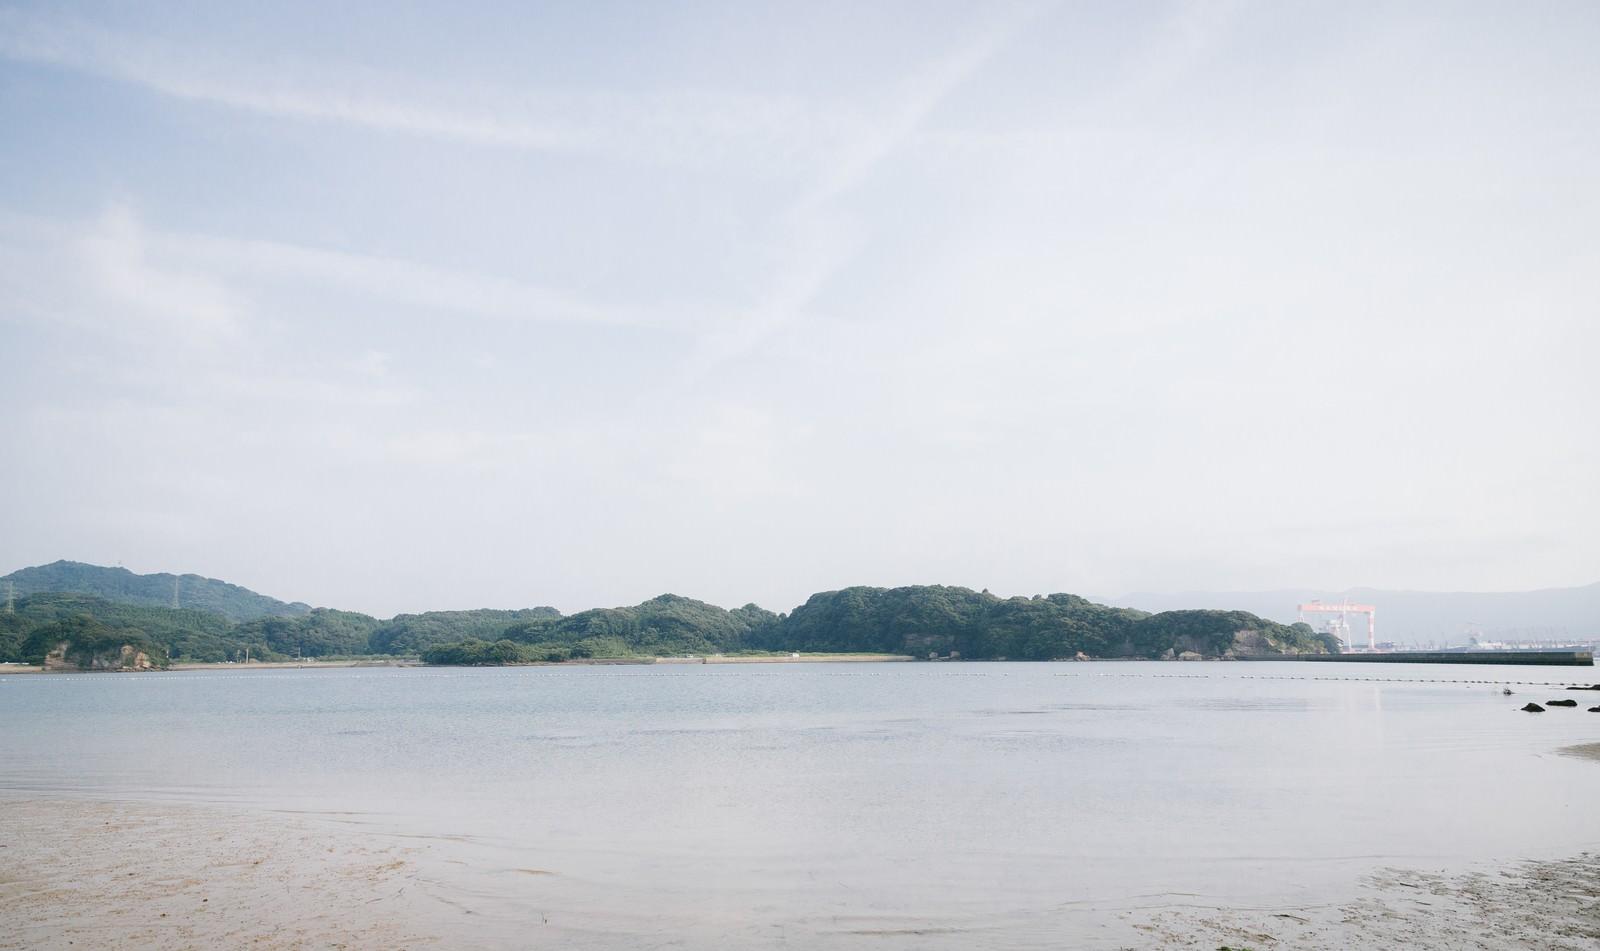 「イマリンビーチから見える対岸の造船所イマリンビーチから見える対岸の造船所」のフリー写真素材を拡大